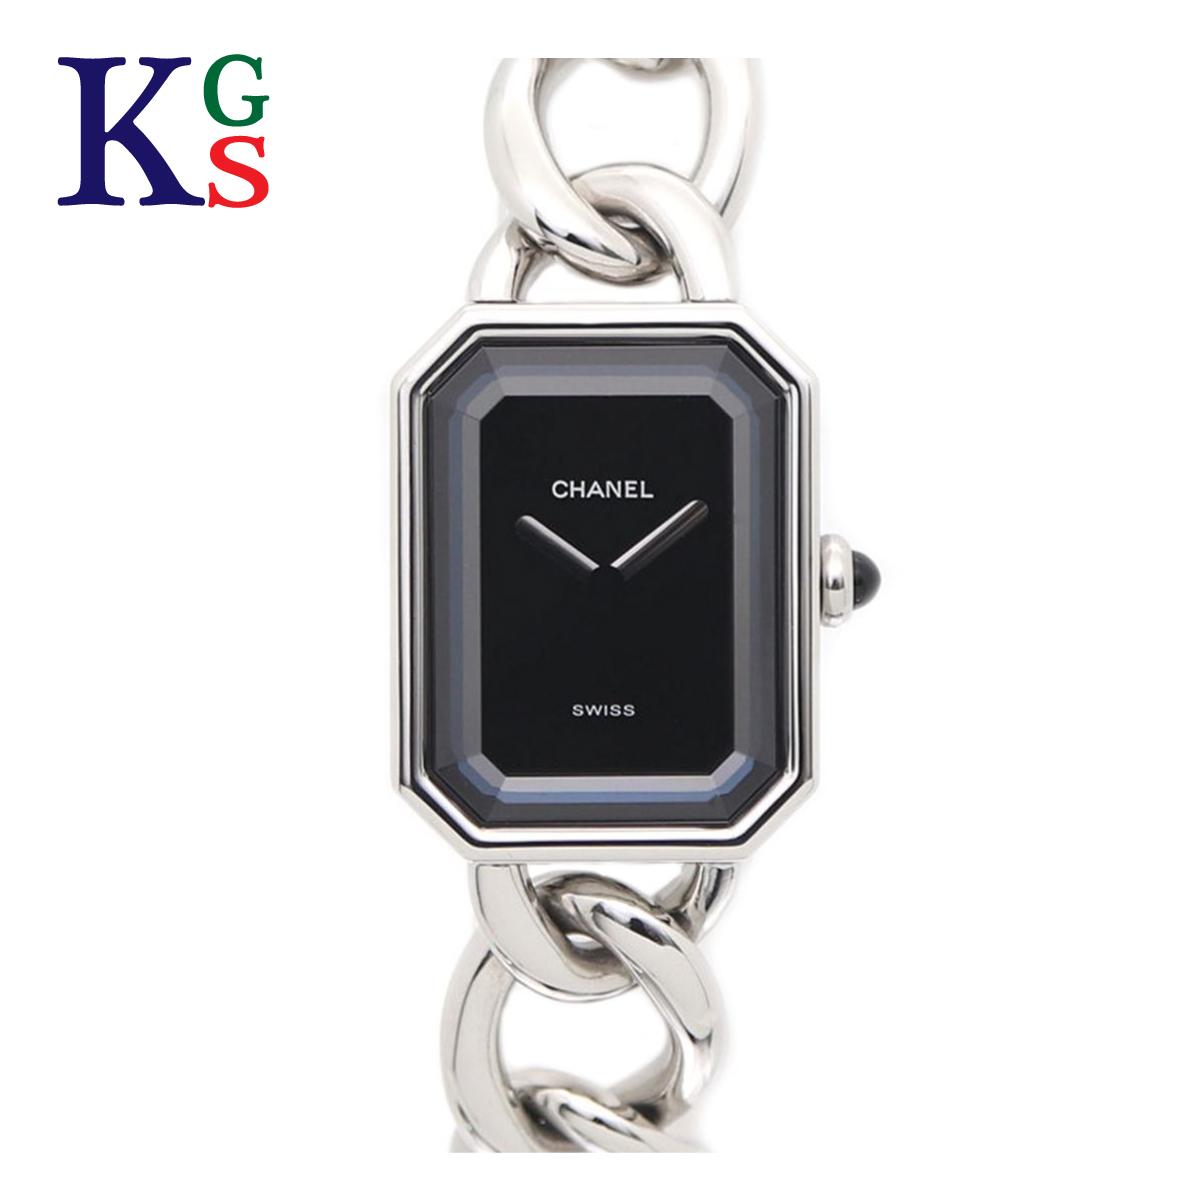 【ギフトランク】シャネル/CHANEL レディース 腕時計 プルミエール ステンレススチール クオーツ H0452